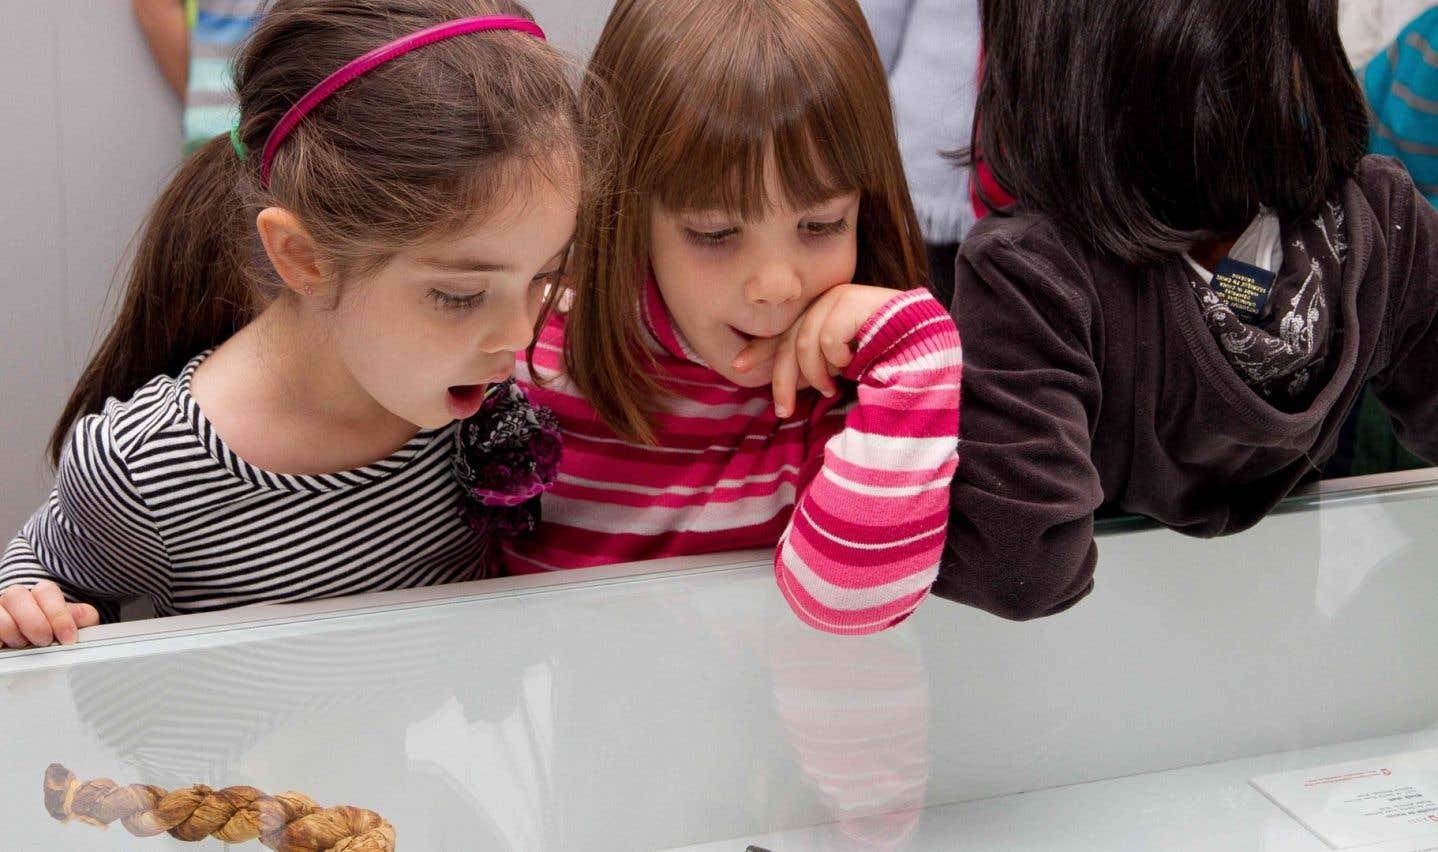 Pour les petits passionnés d'histoire, plusieurs musées proposent des camps de jour à saveur historique, comme le Musée McCord.